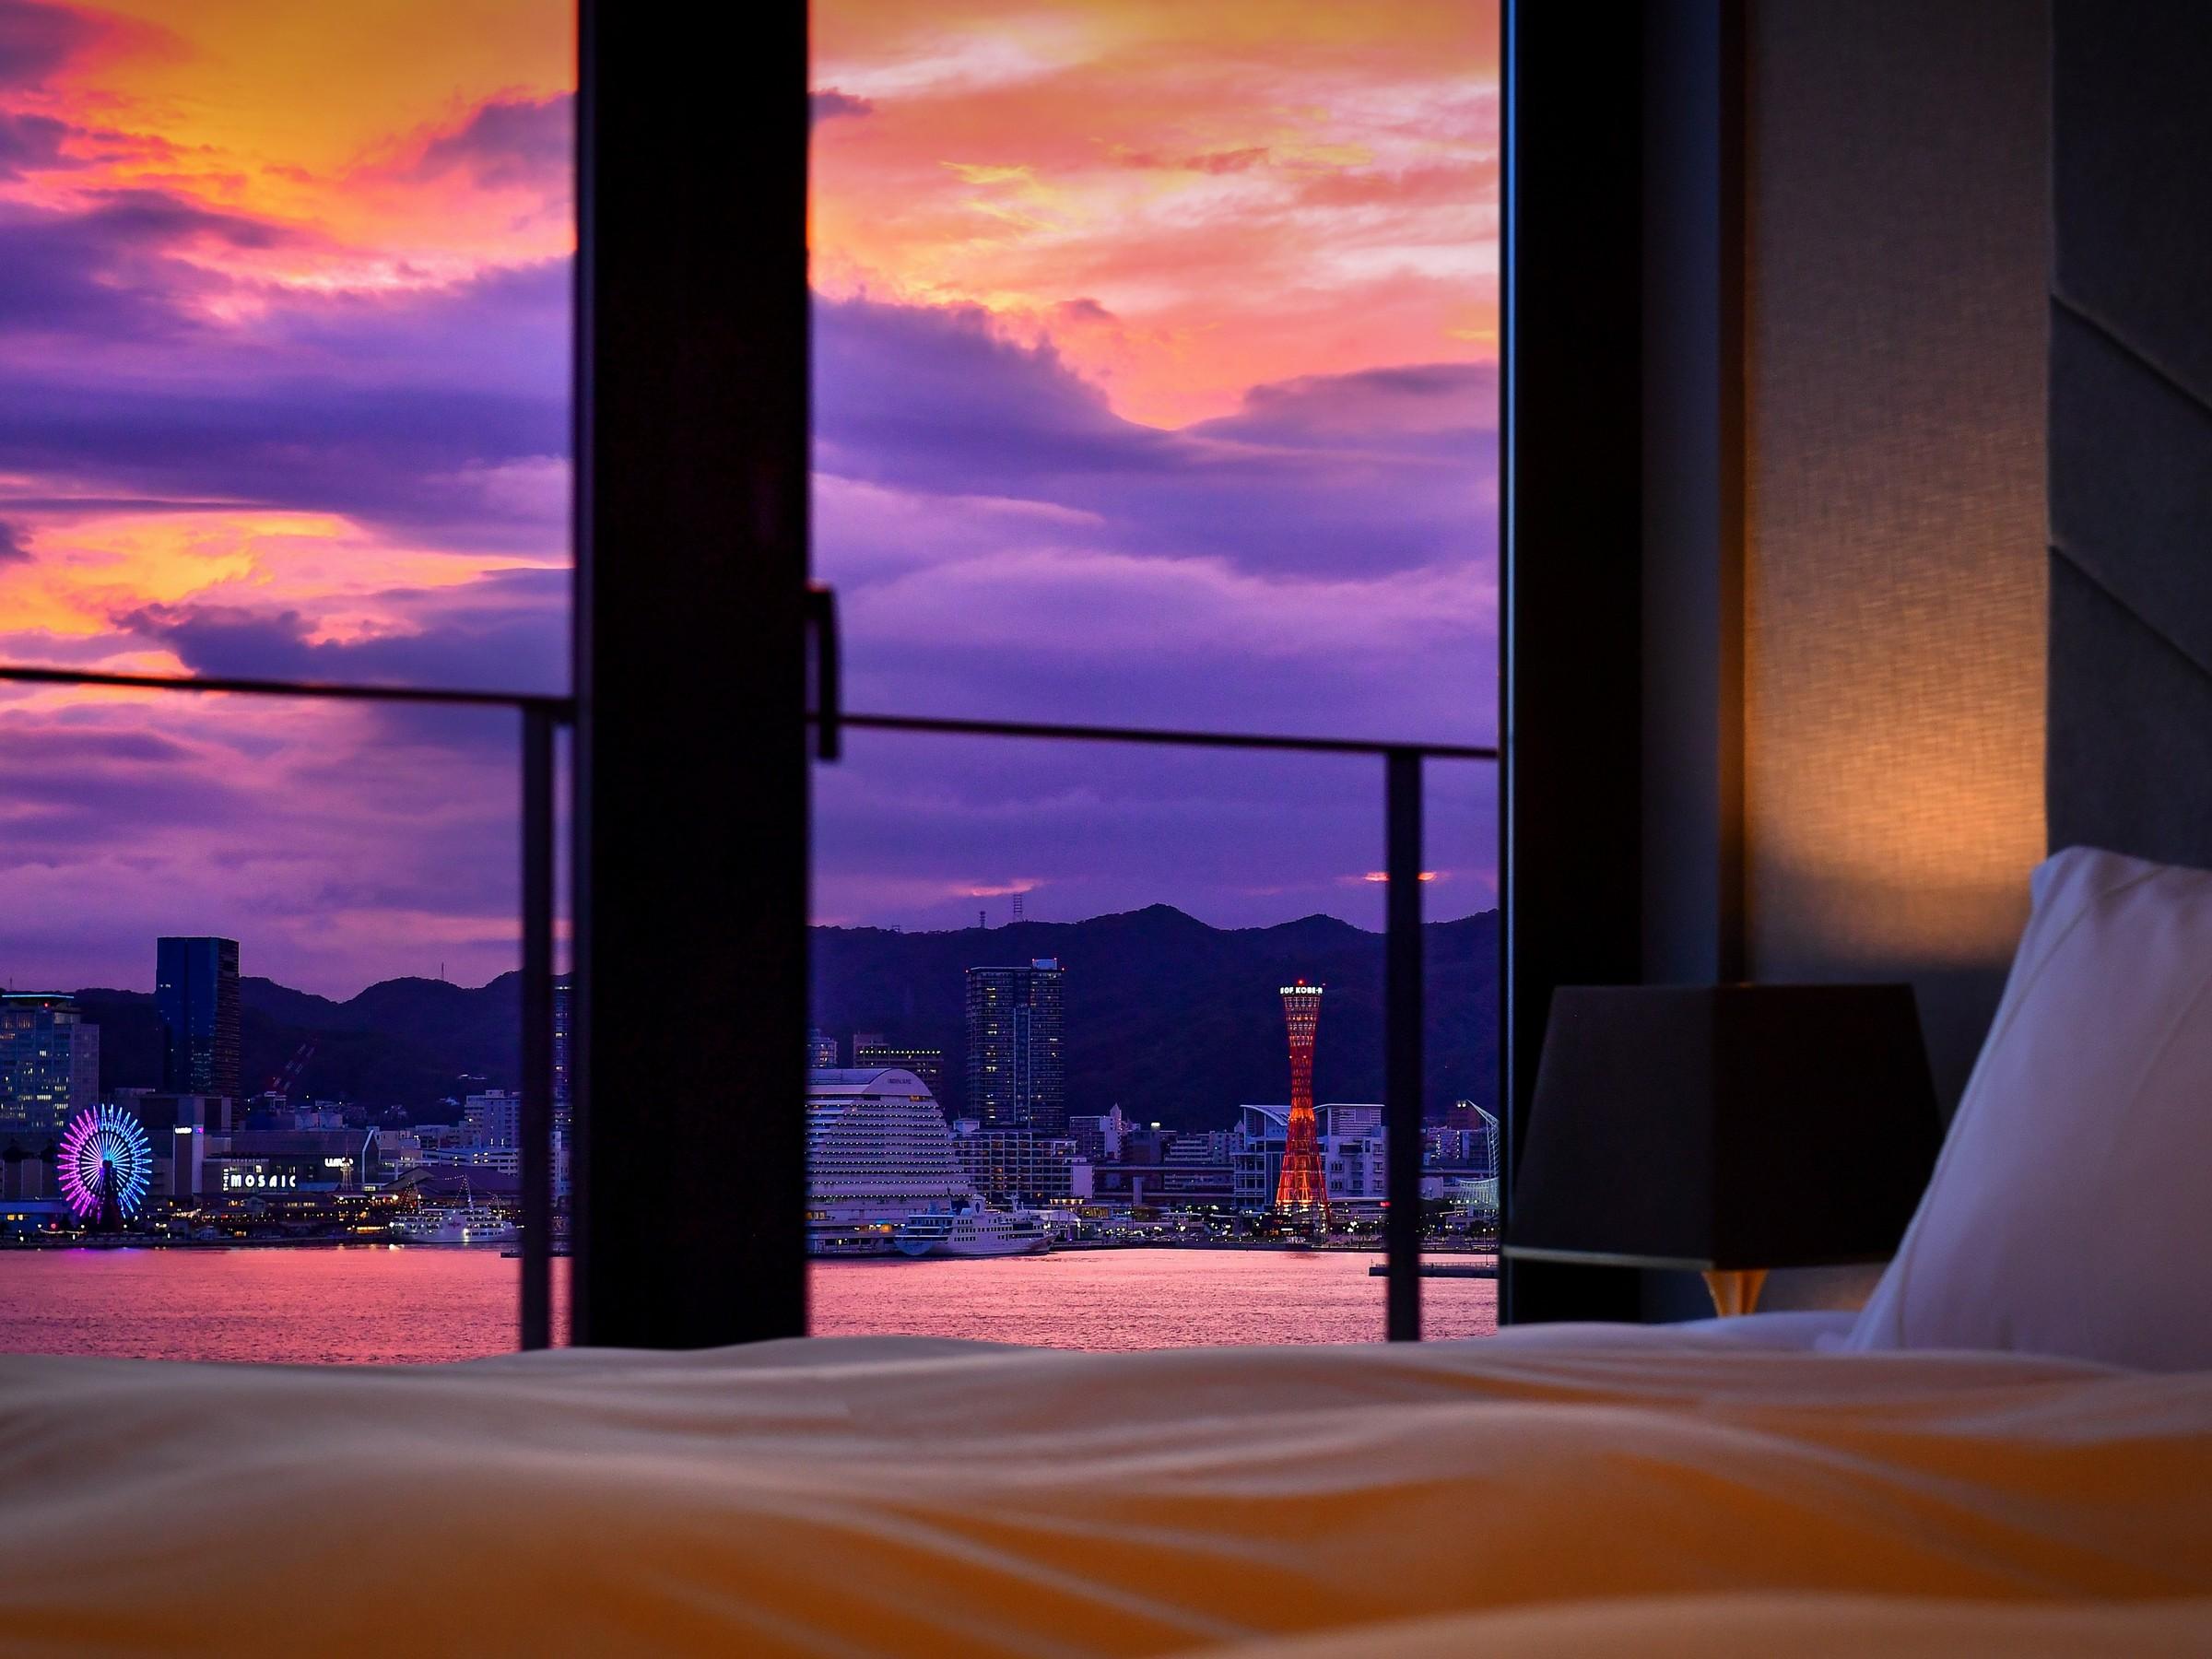 センチュリオンホテルヴィンテージ神戸 【全室禁煙】エグゼクティブキングハーバービュー《1-4名様》